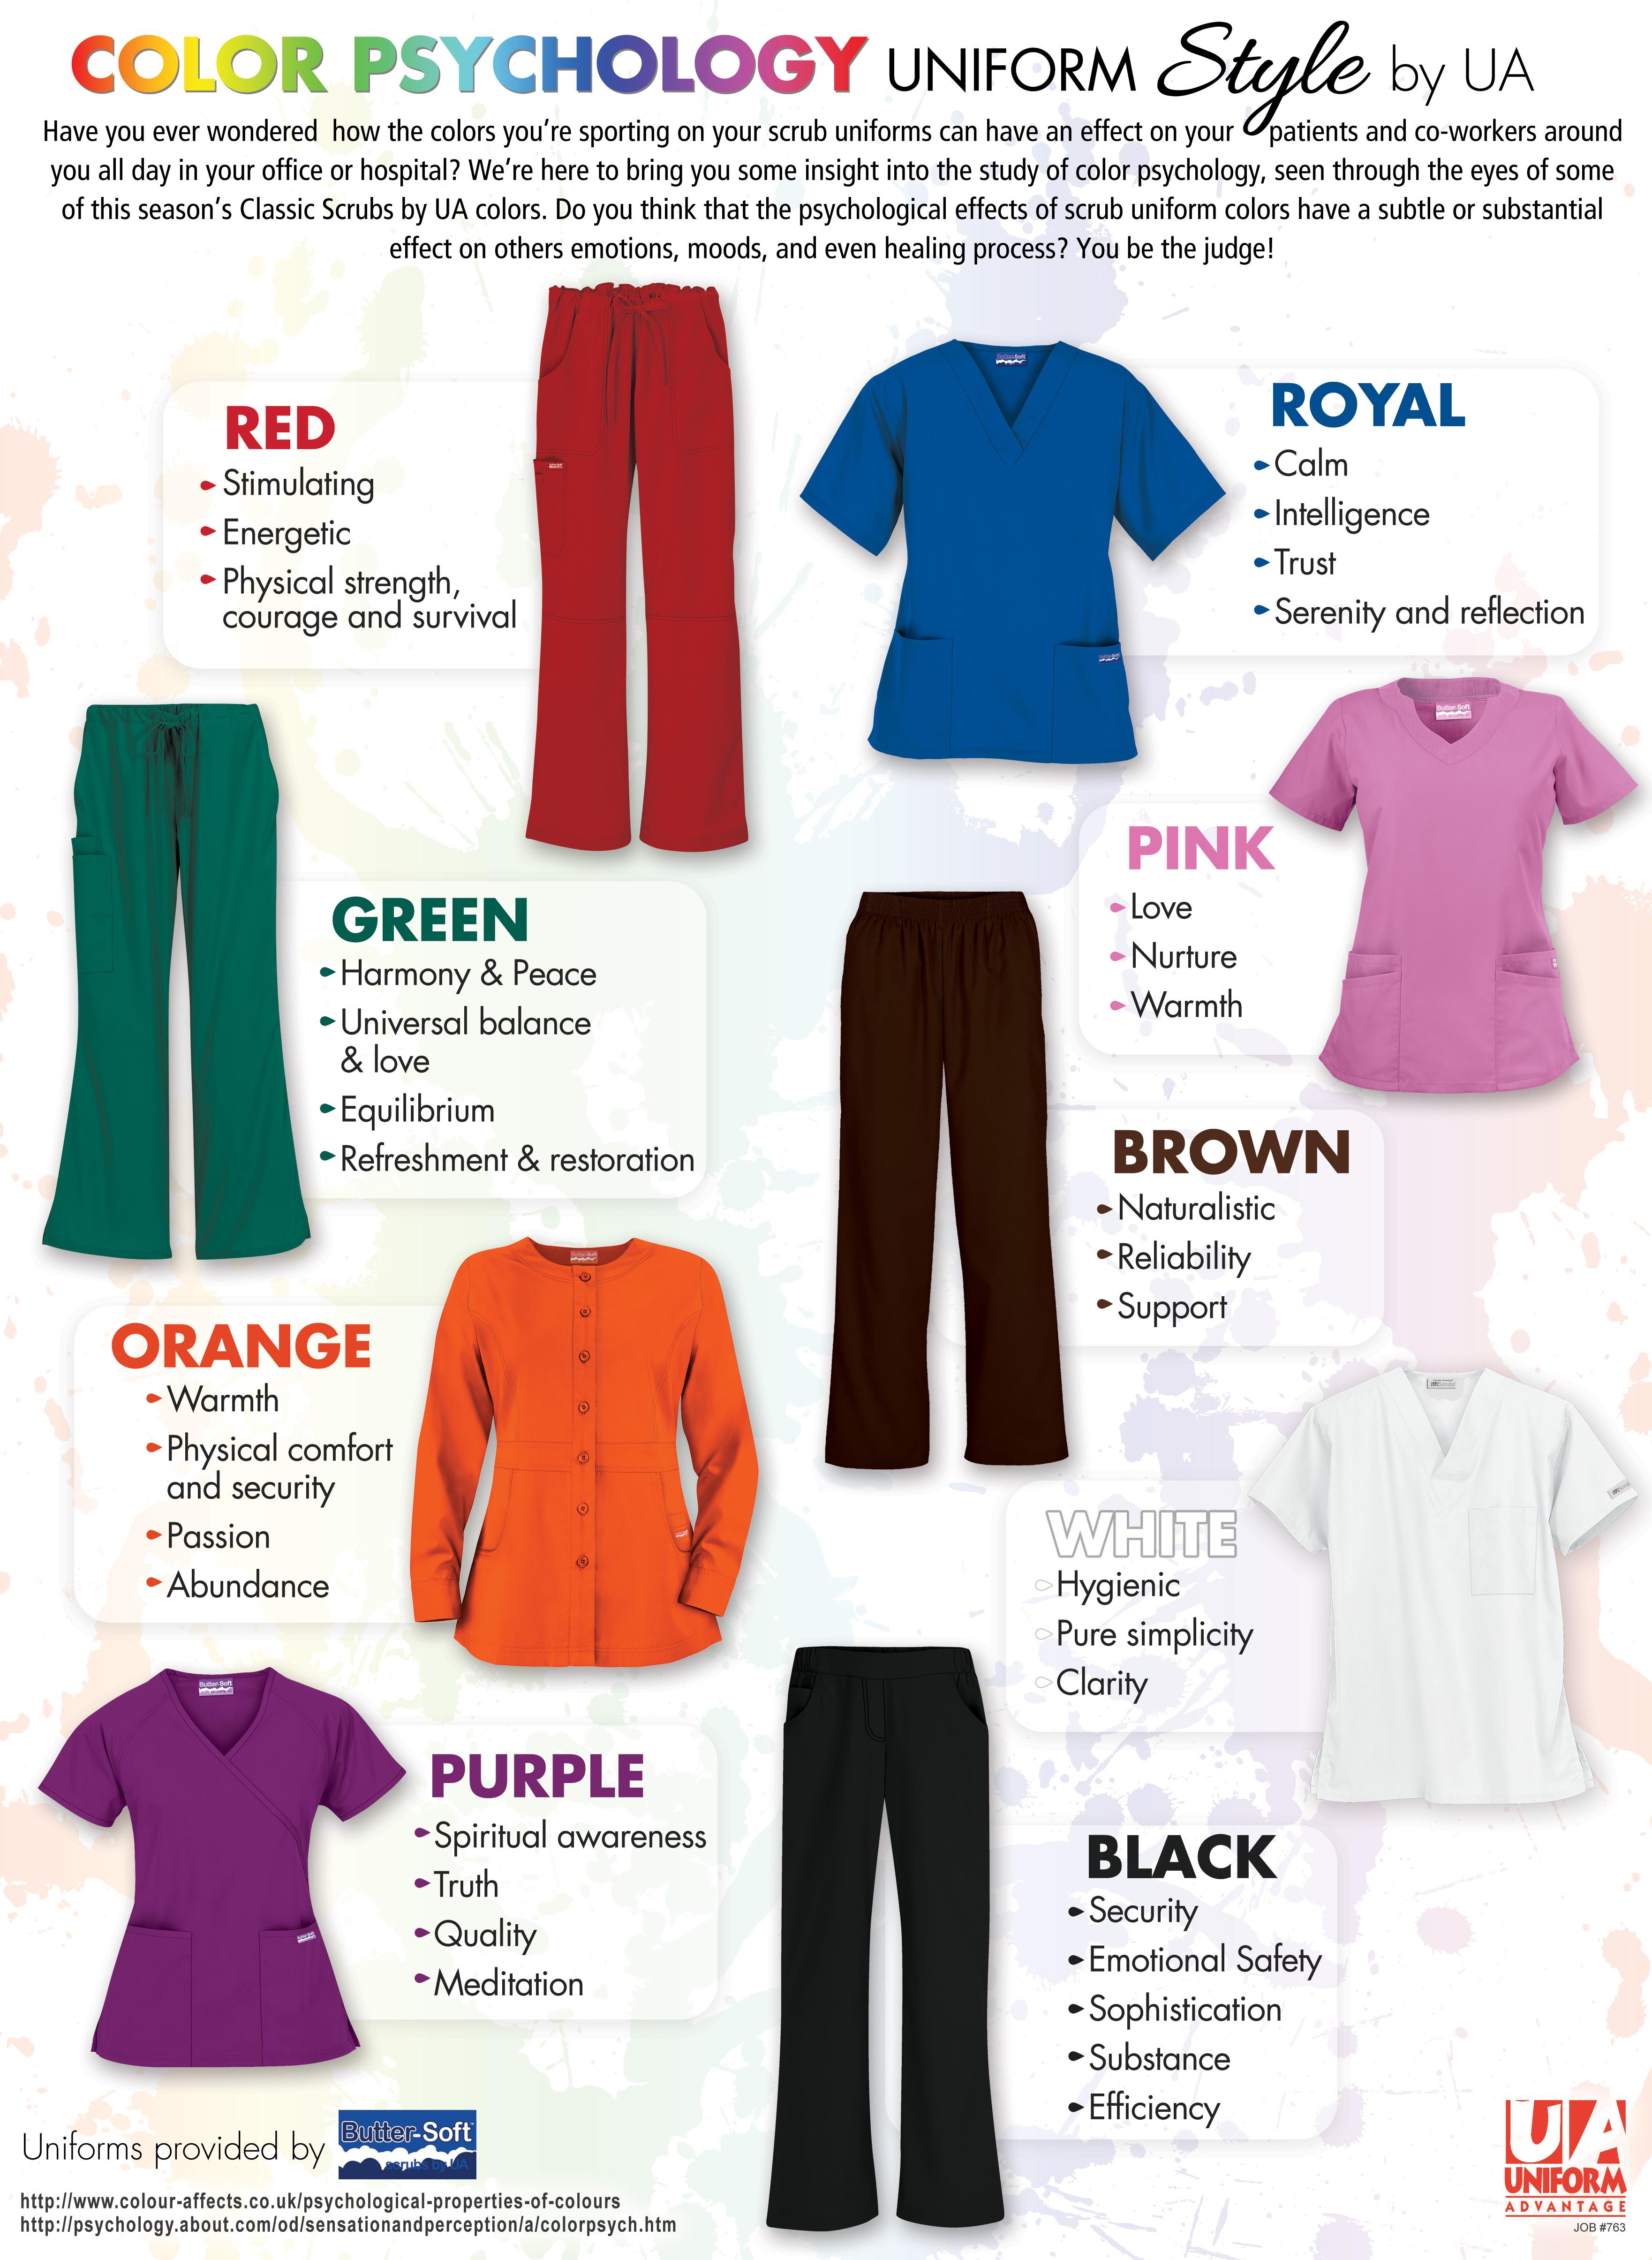 Color psychology guide for your medical scrubs for Pink color psychology